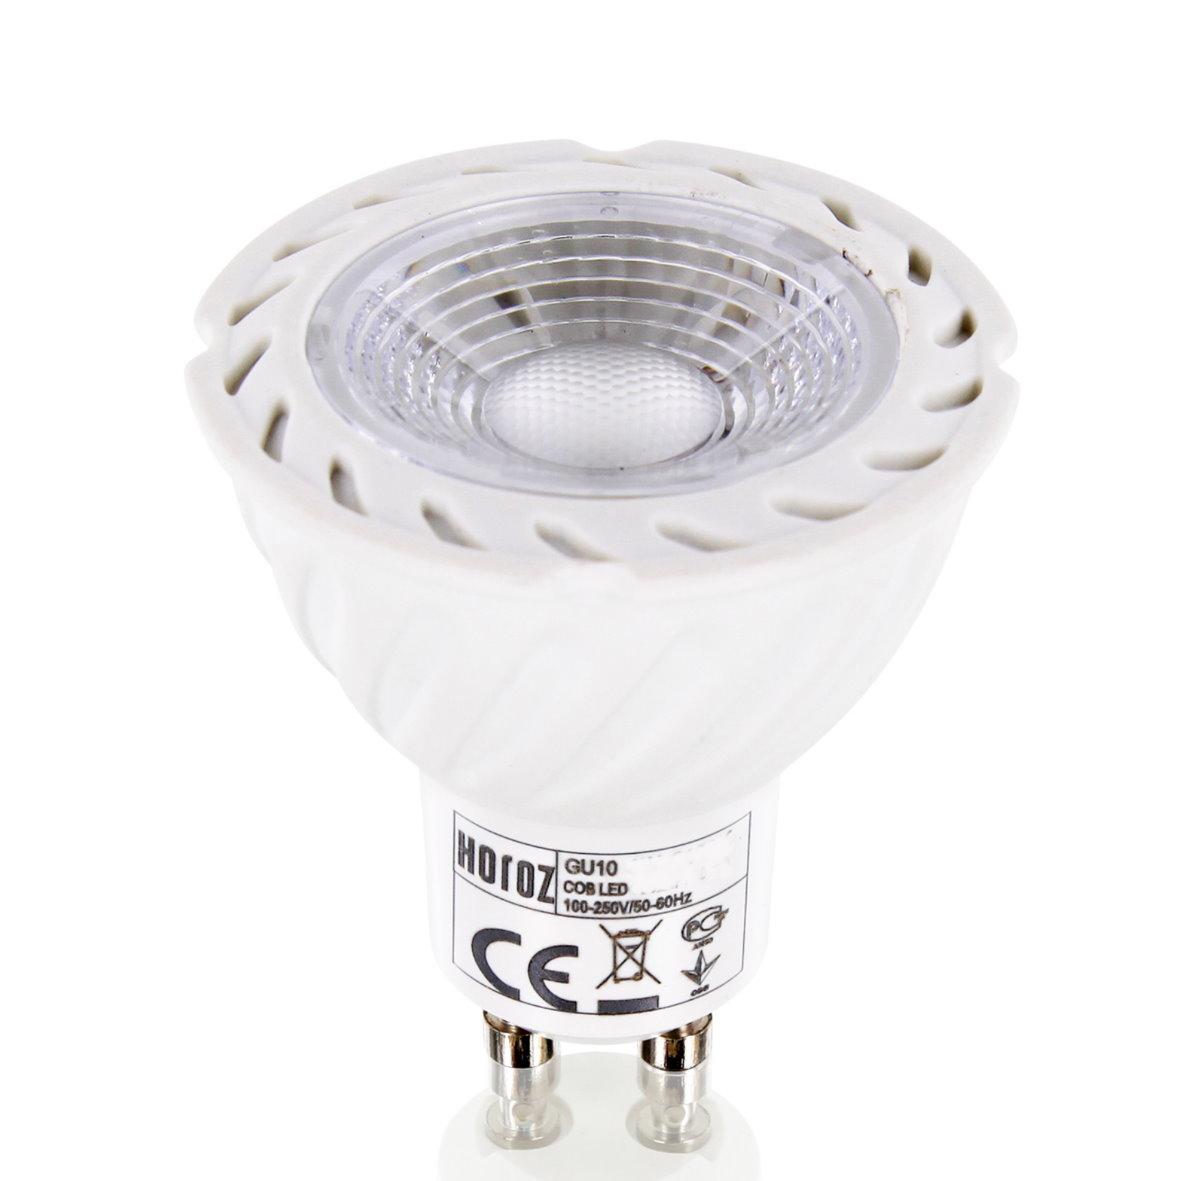 led spot gu10 leuchtmittel strahler 38 mr16 reflektor 230v 4w 6w 8w bis 650lm ebay. Black Bedroom Furniture Sets. Home Design Ideas